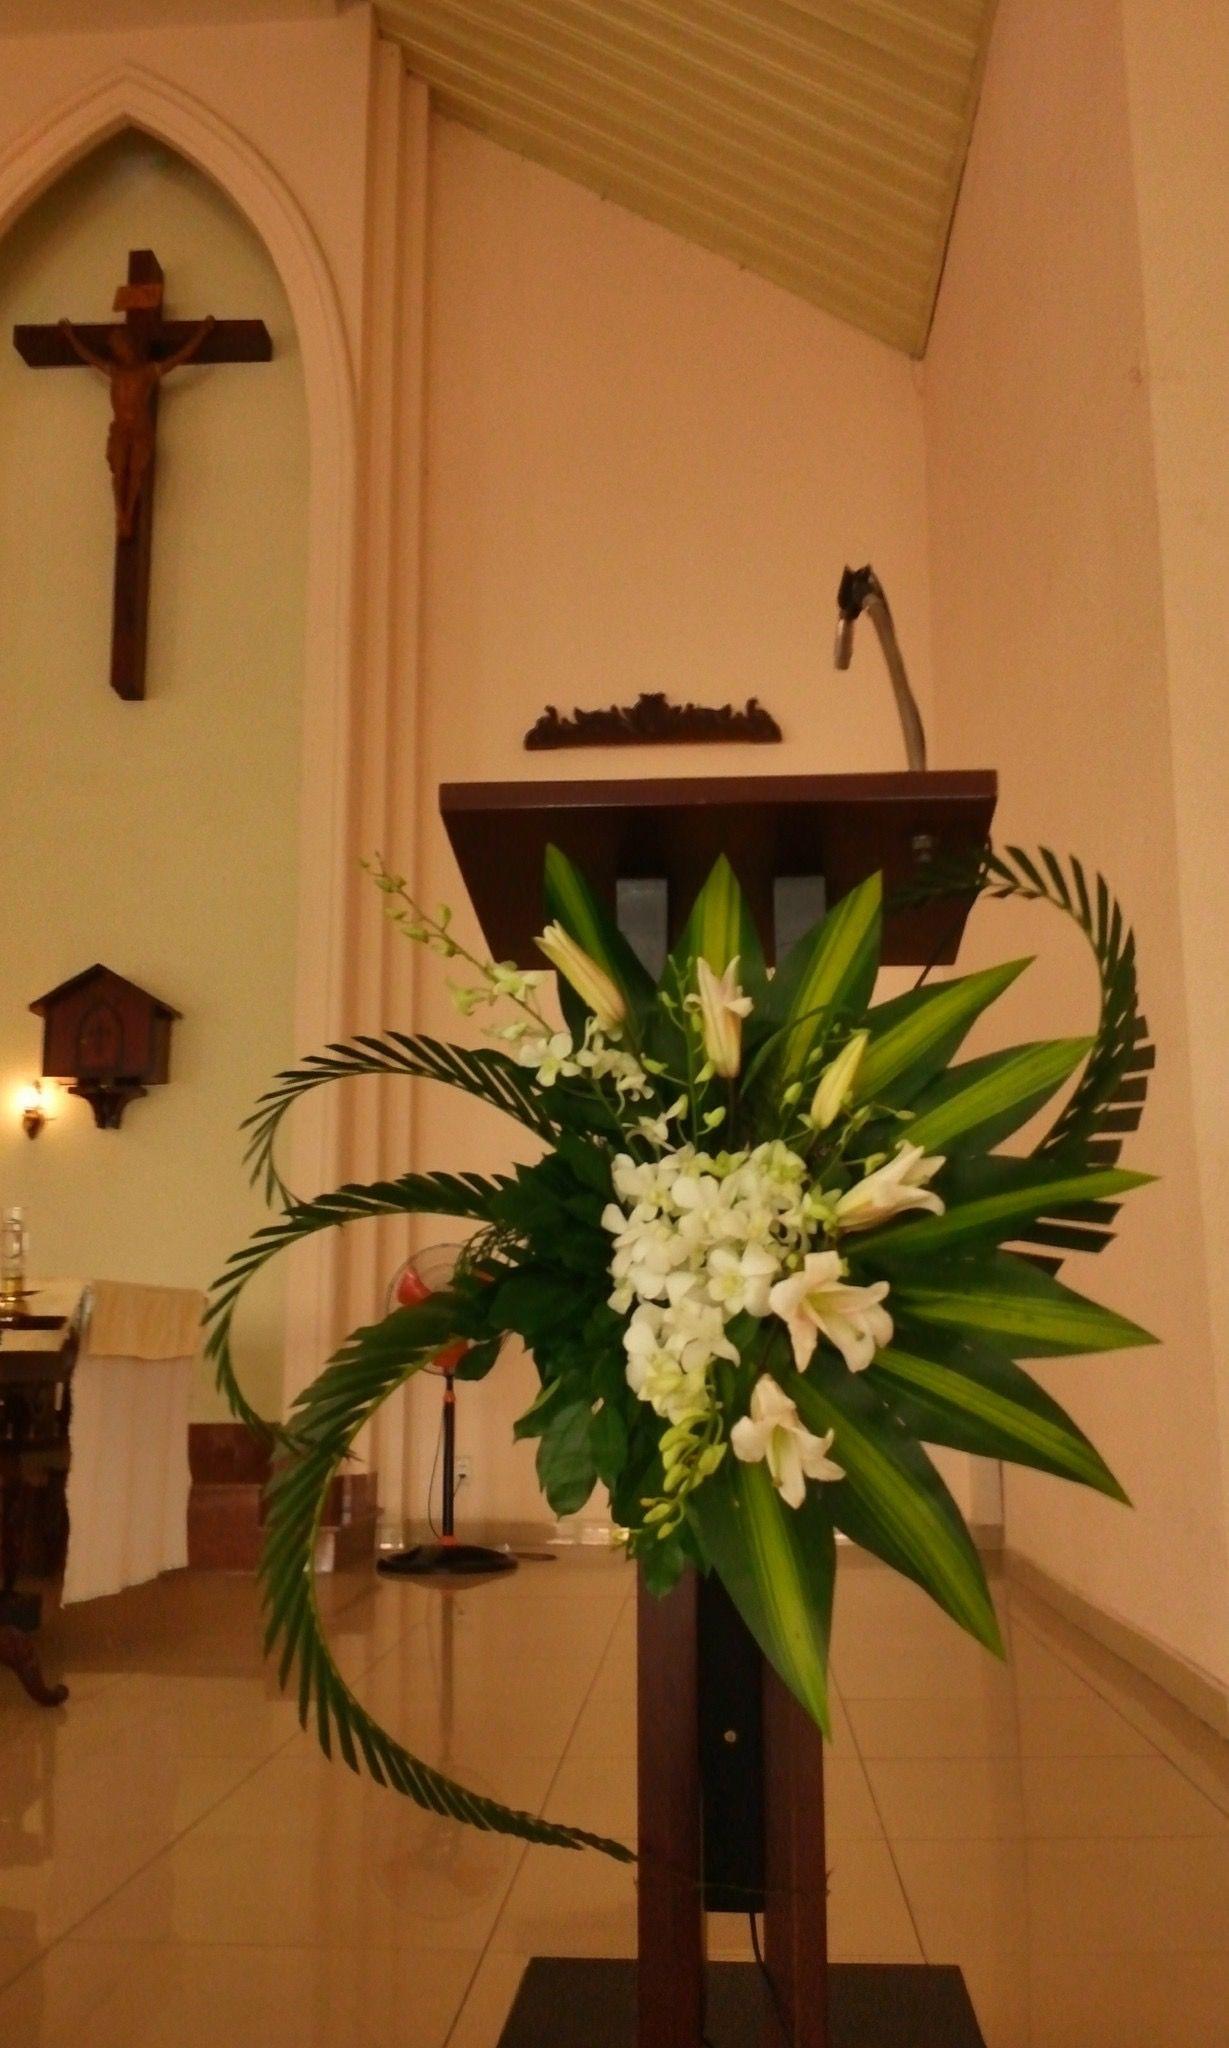 Dekorasi Natal Rangkaian Bunga Dekorasi Natal Dekorasi Gereja Rangkaian bunga altar gereja